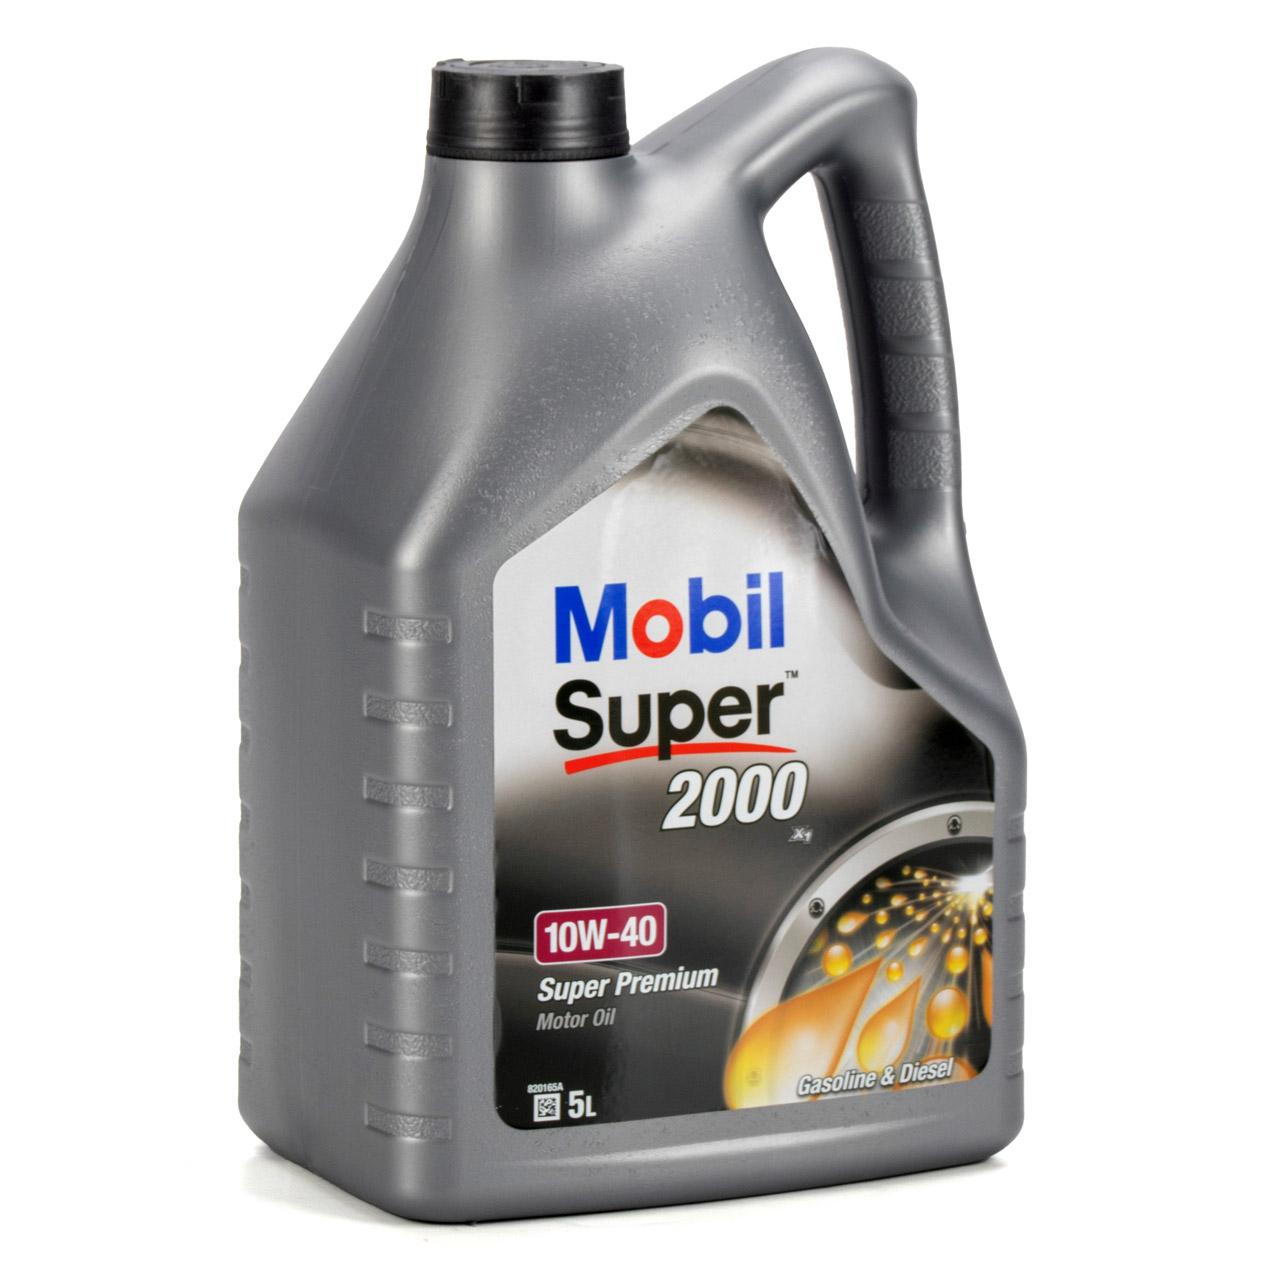 Mobil SUPER 2000 X1 10W40 Super Premium Motoröl Öl VW 501.01/505.00 - 10 Liter